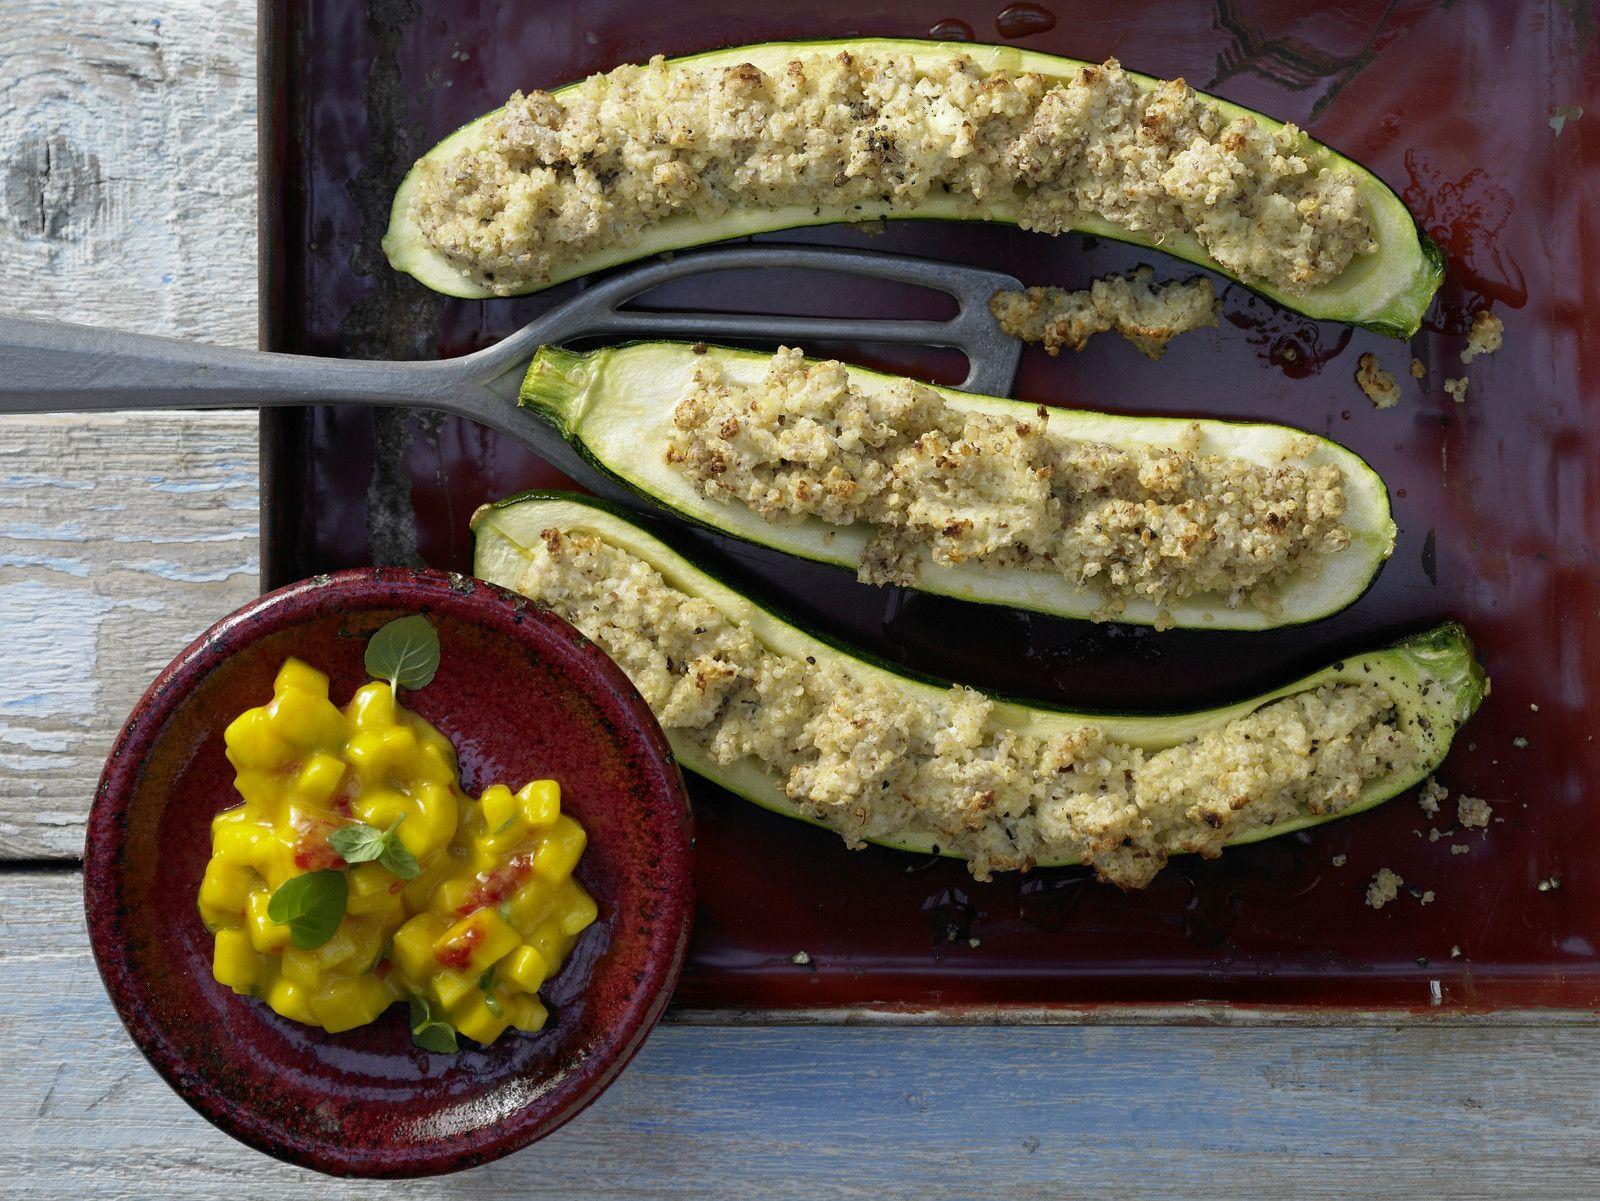 gesunde rezepte zucchini gesundes essen und rezepte foto blog. Black Bedroom Furniture Sets. Home Design Ideas